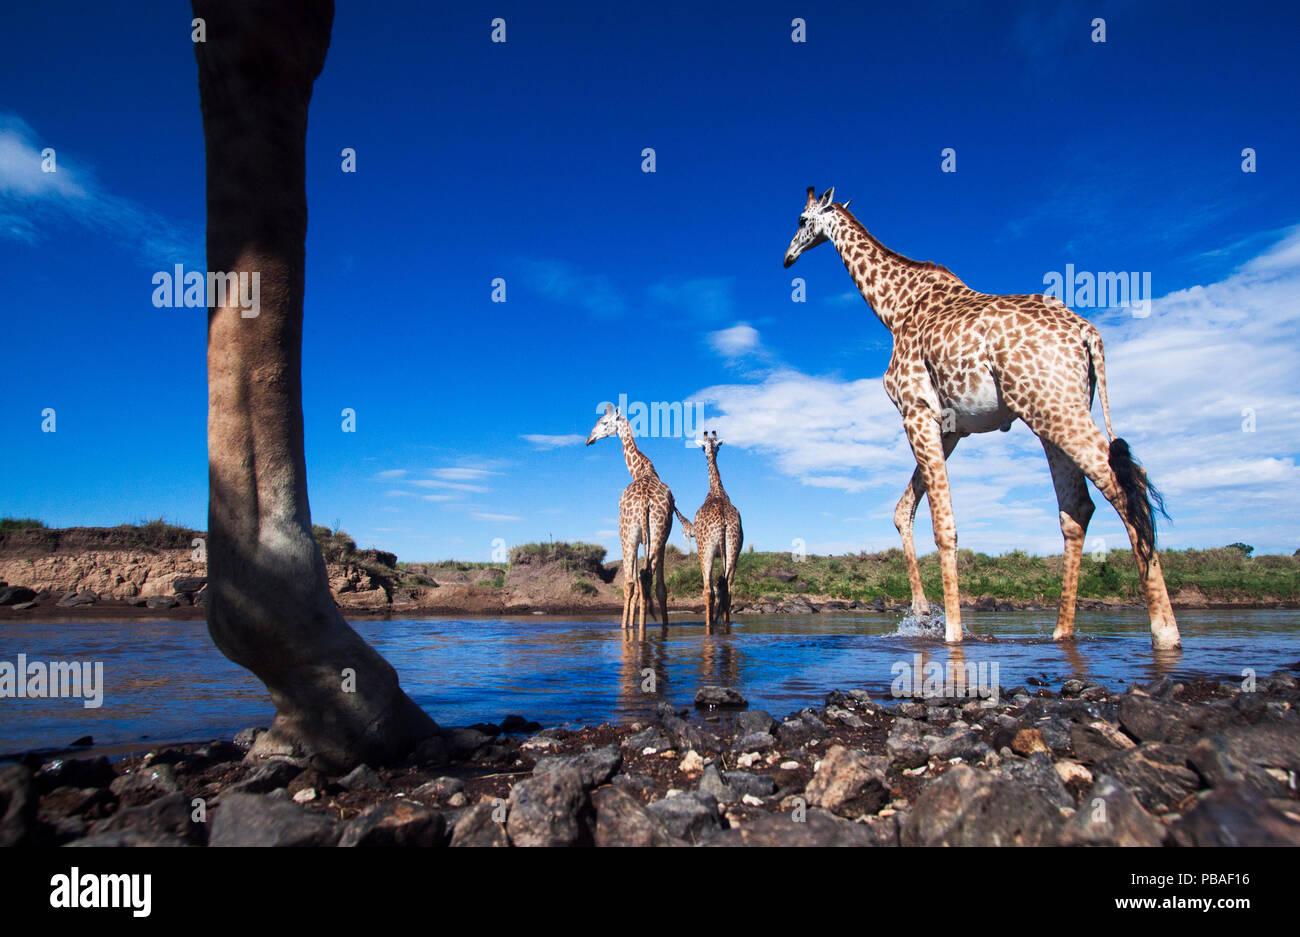 Maasai giraffe (Giraffa camelopardalis tippelskirchi) allevamento attraversando il fiume Mara, il Masai Mara riserva nazionale del Kenya. Prese con telecomando ampio angolo fotocamera. Immagini Stock